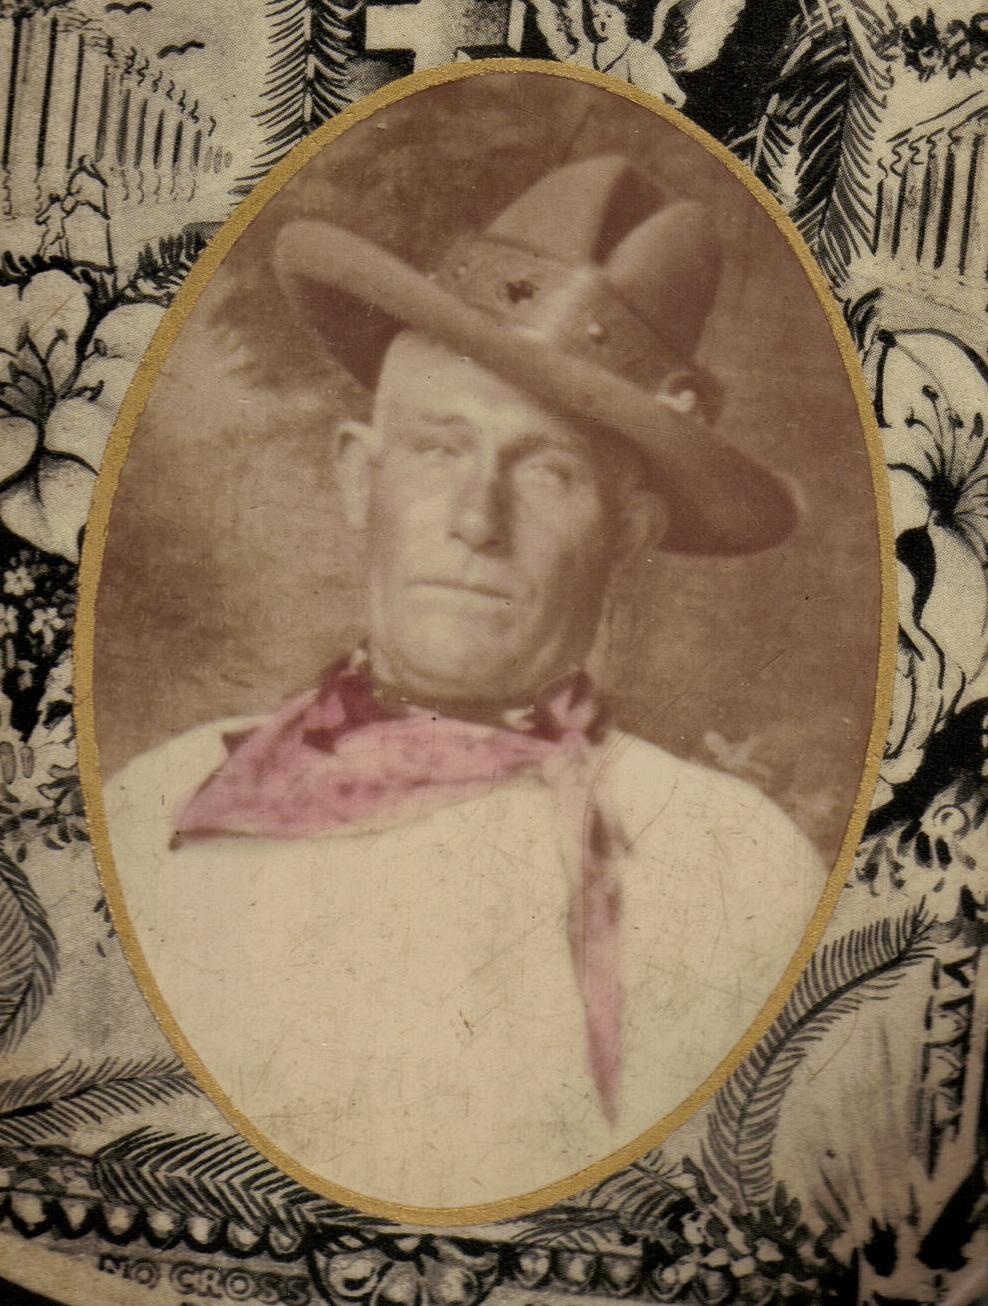 Robert Garrett Pelfrey